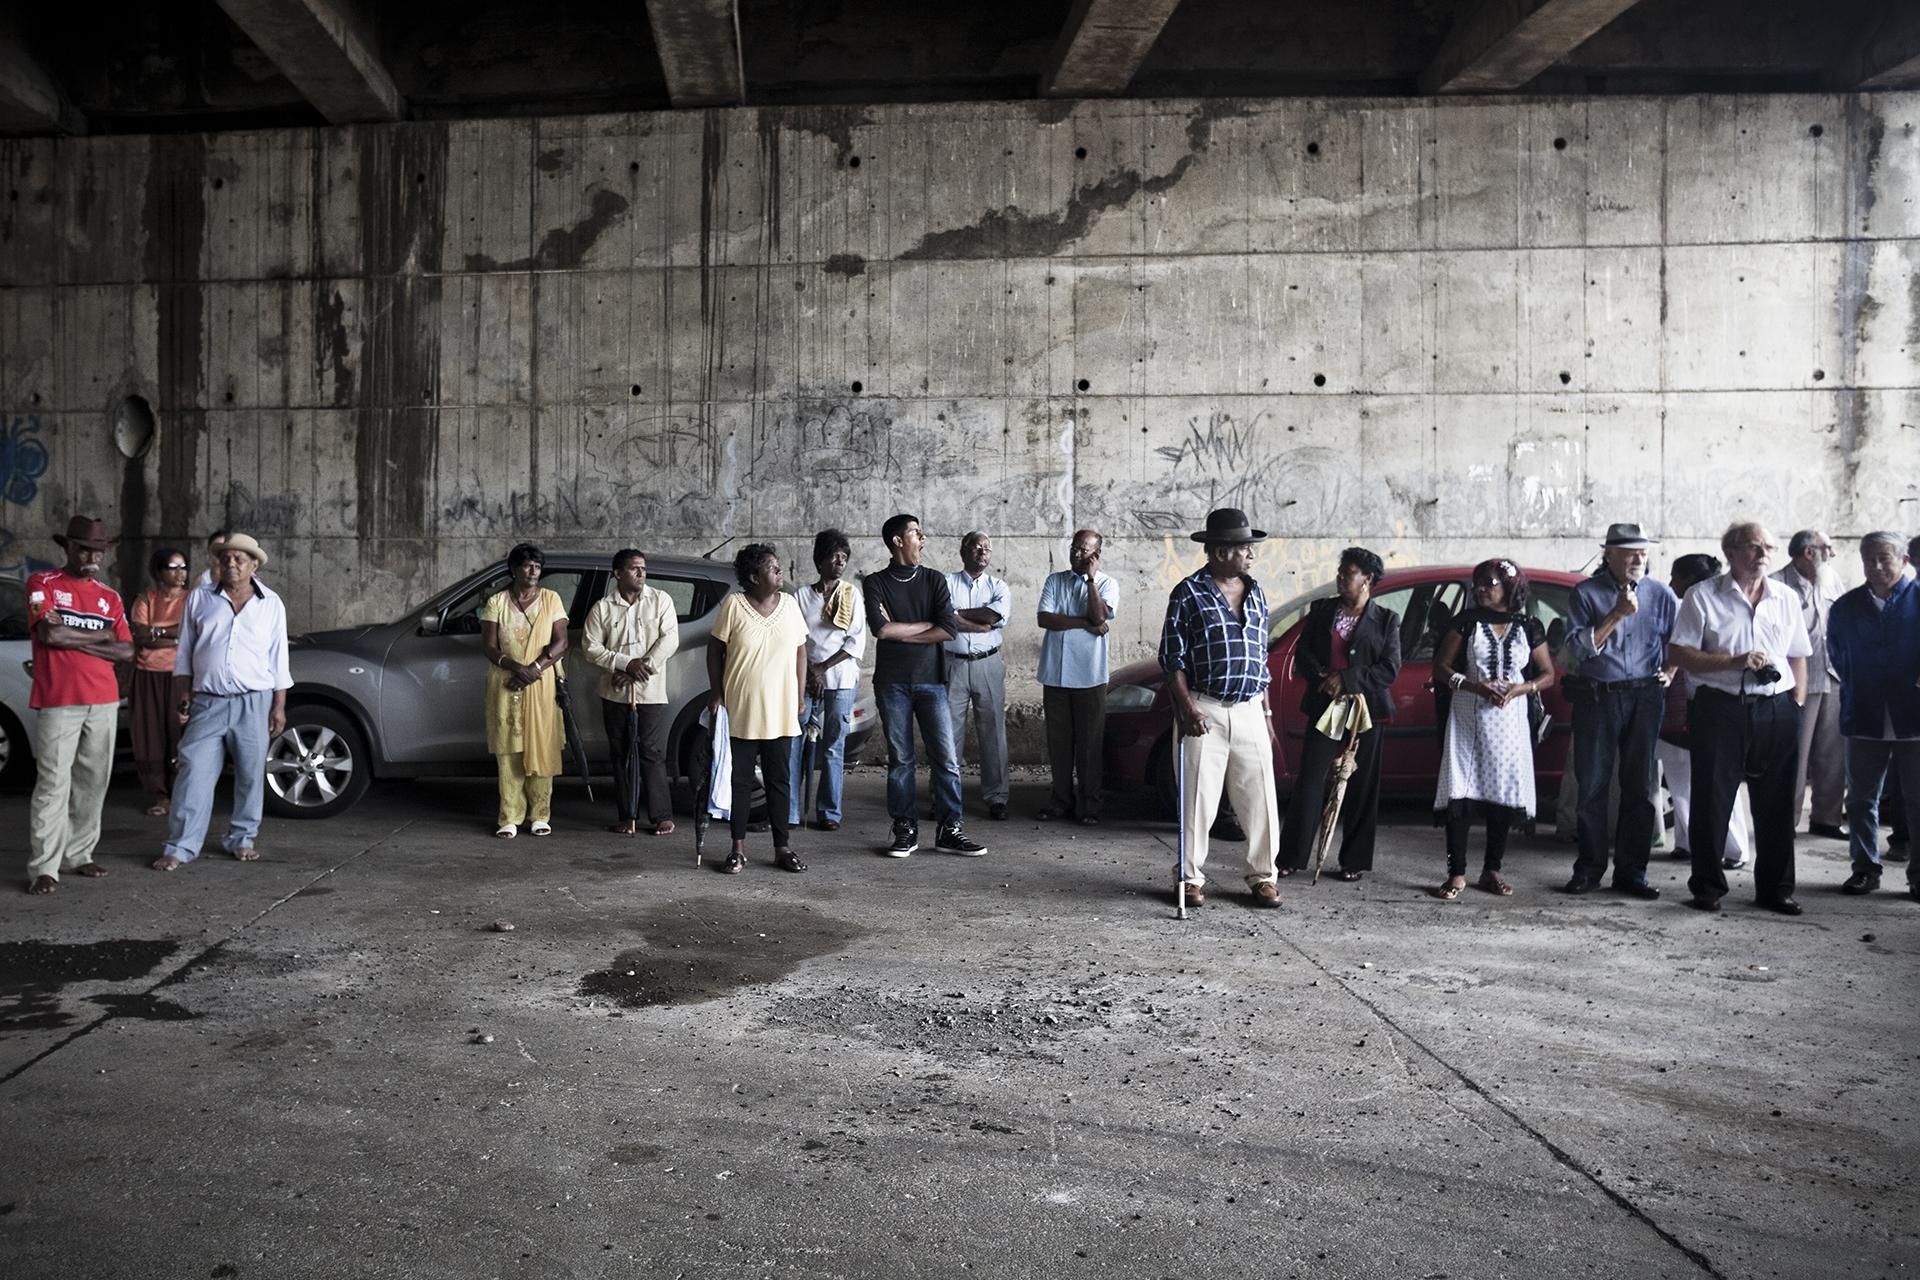 Journée en mémoire des engagés au Lazaret, La Grande Chaloupe. Dans le cadre de la Journée en mémoire des engagés du 11 novembre, une manifestation culturelle est organisée chaque année sur le site du Lazaret à l'initiative de la Fédération Tamoule de la Réunion. Toutes les communautés d'engagés sont invitées pour l'évènement.